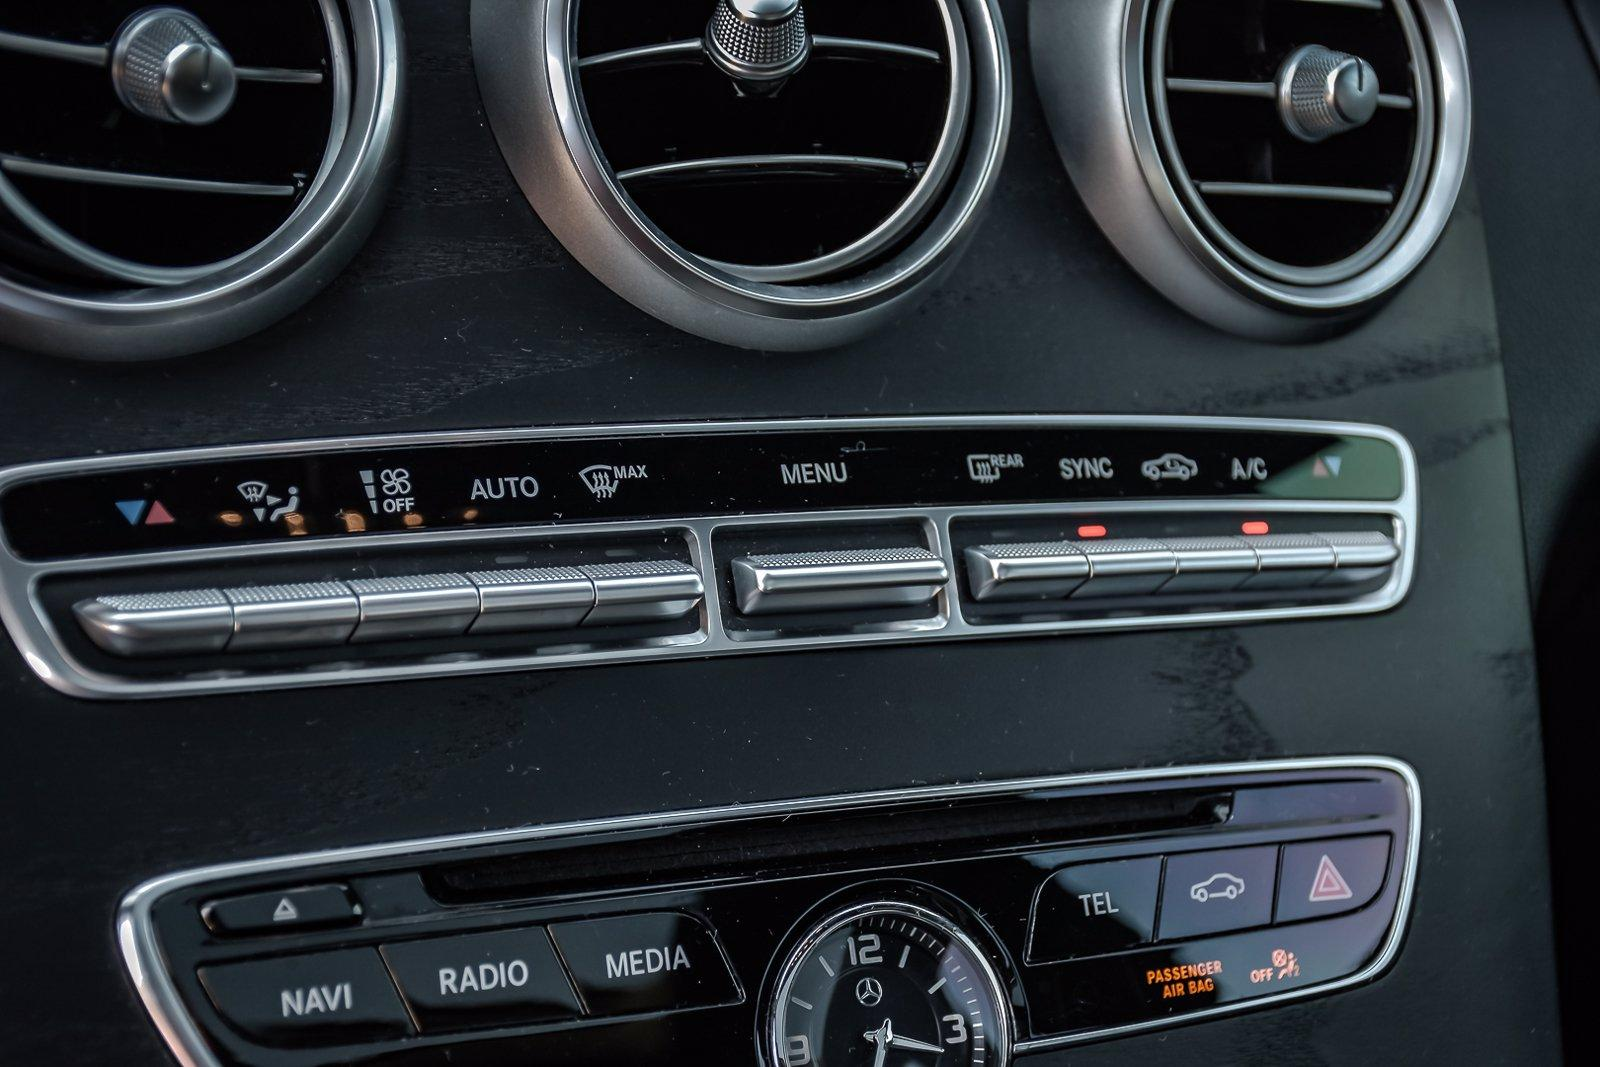 Used 2017 Mercedes-Benz C-Class C 300 Premium Pkg 2,Sport Pkg. With Navigation | Downers Grove, IL